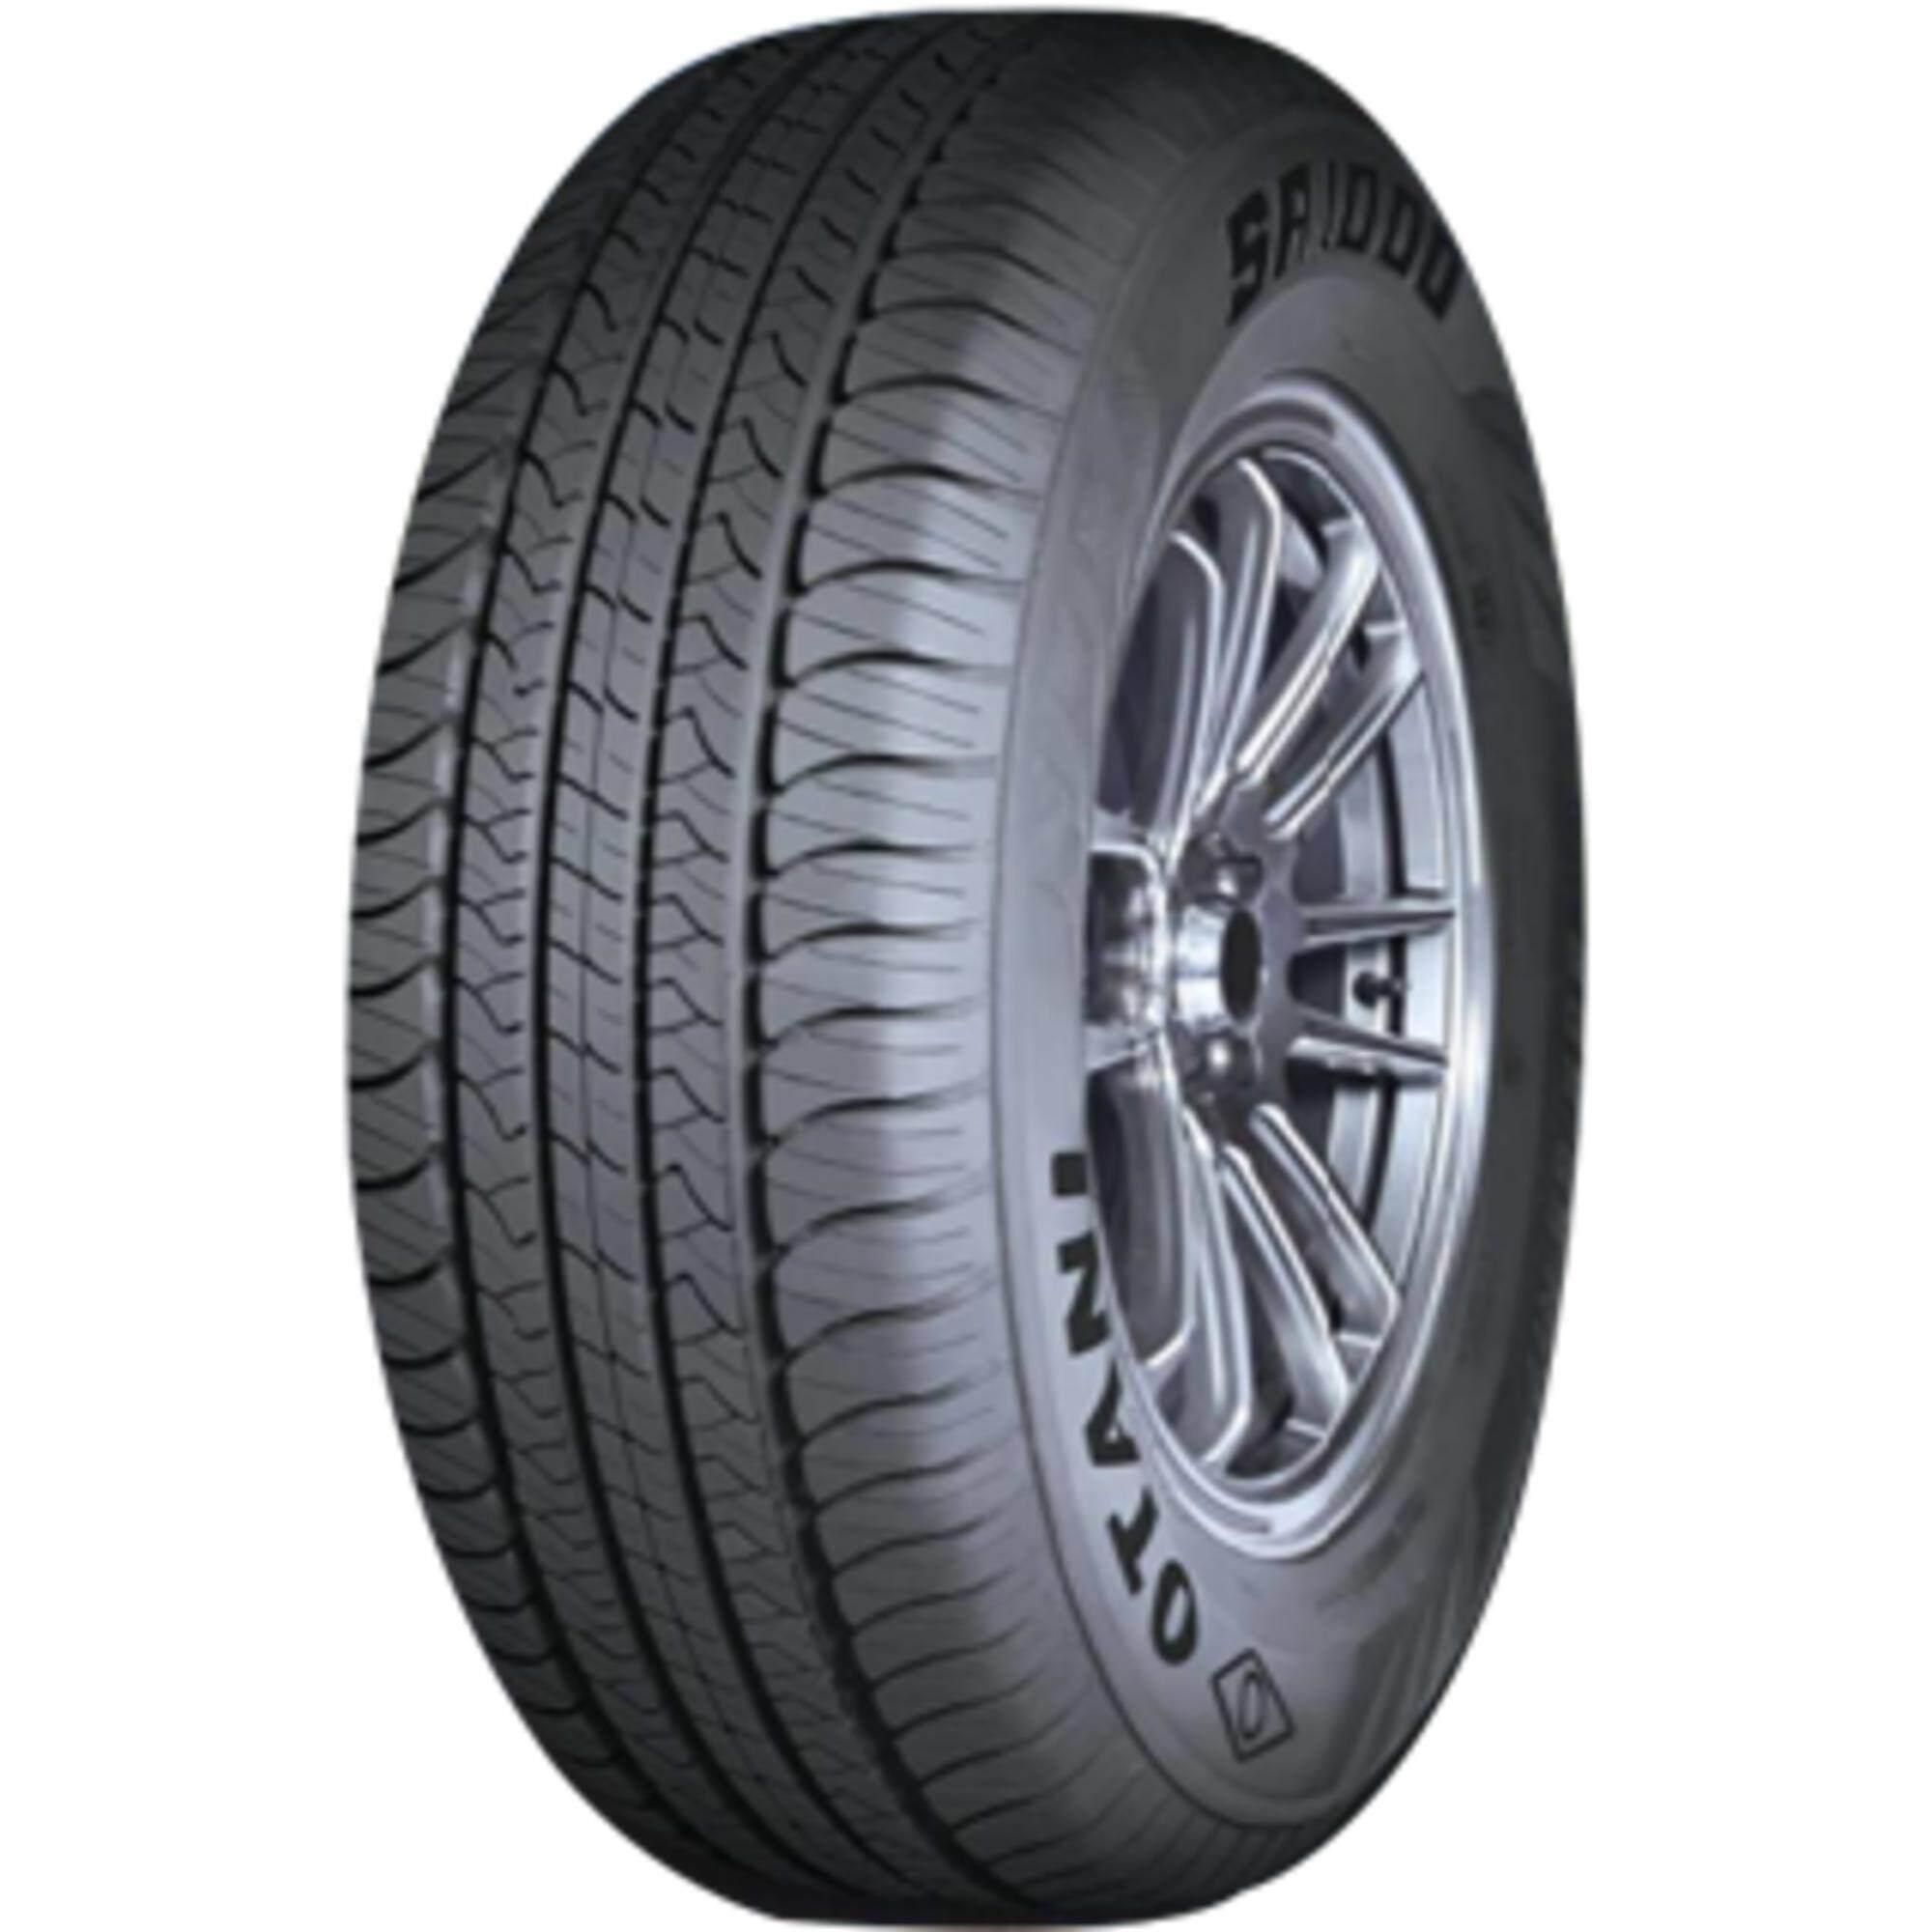 ประกันภัย รถยนต์ 3 พลัส ราคา ถูก มุกดาหาร Otani SA1000 265/65R17